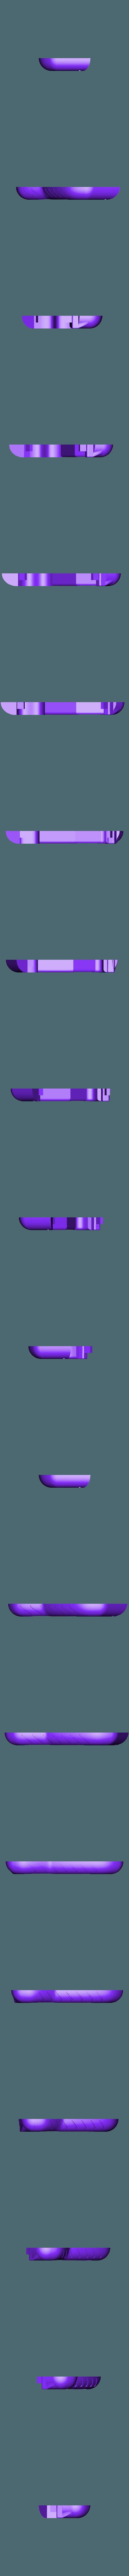 Stock_End.stl Télécharger fichier STL gratuit Le concept du fusil Khan de Marvels The Exiles • Plan pour imprimante 3D, Dsk